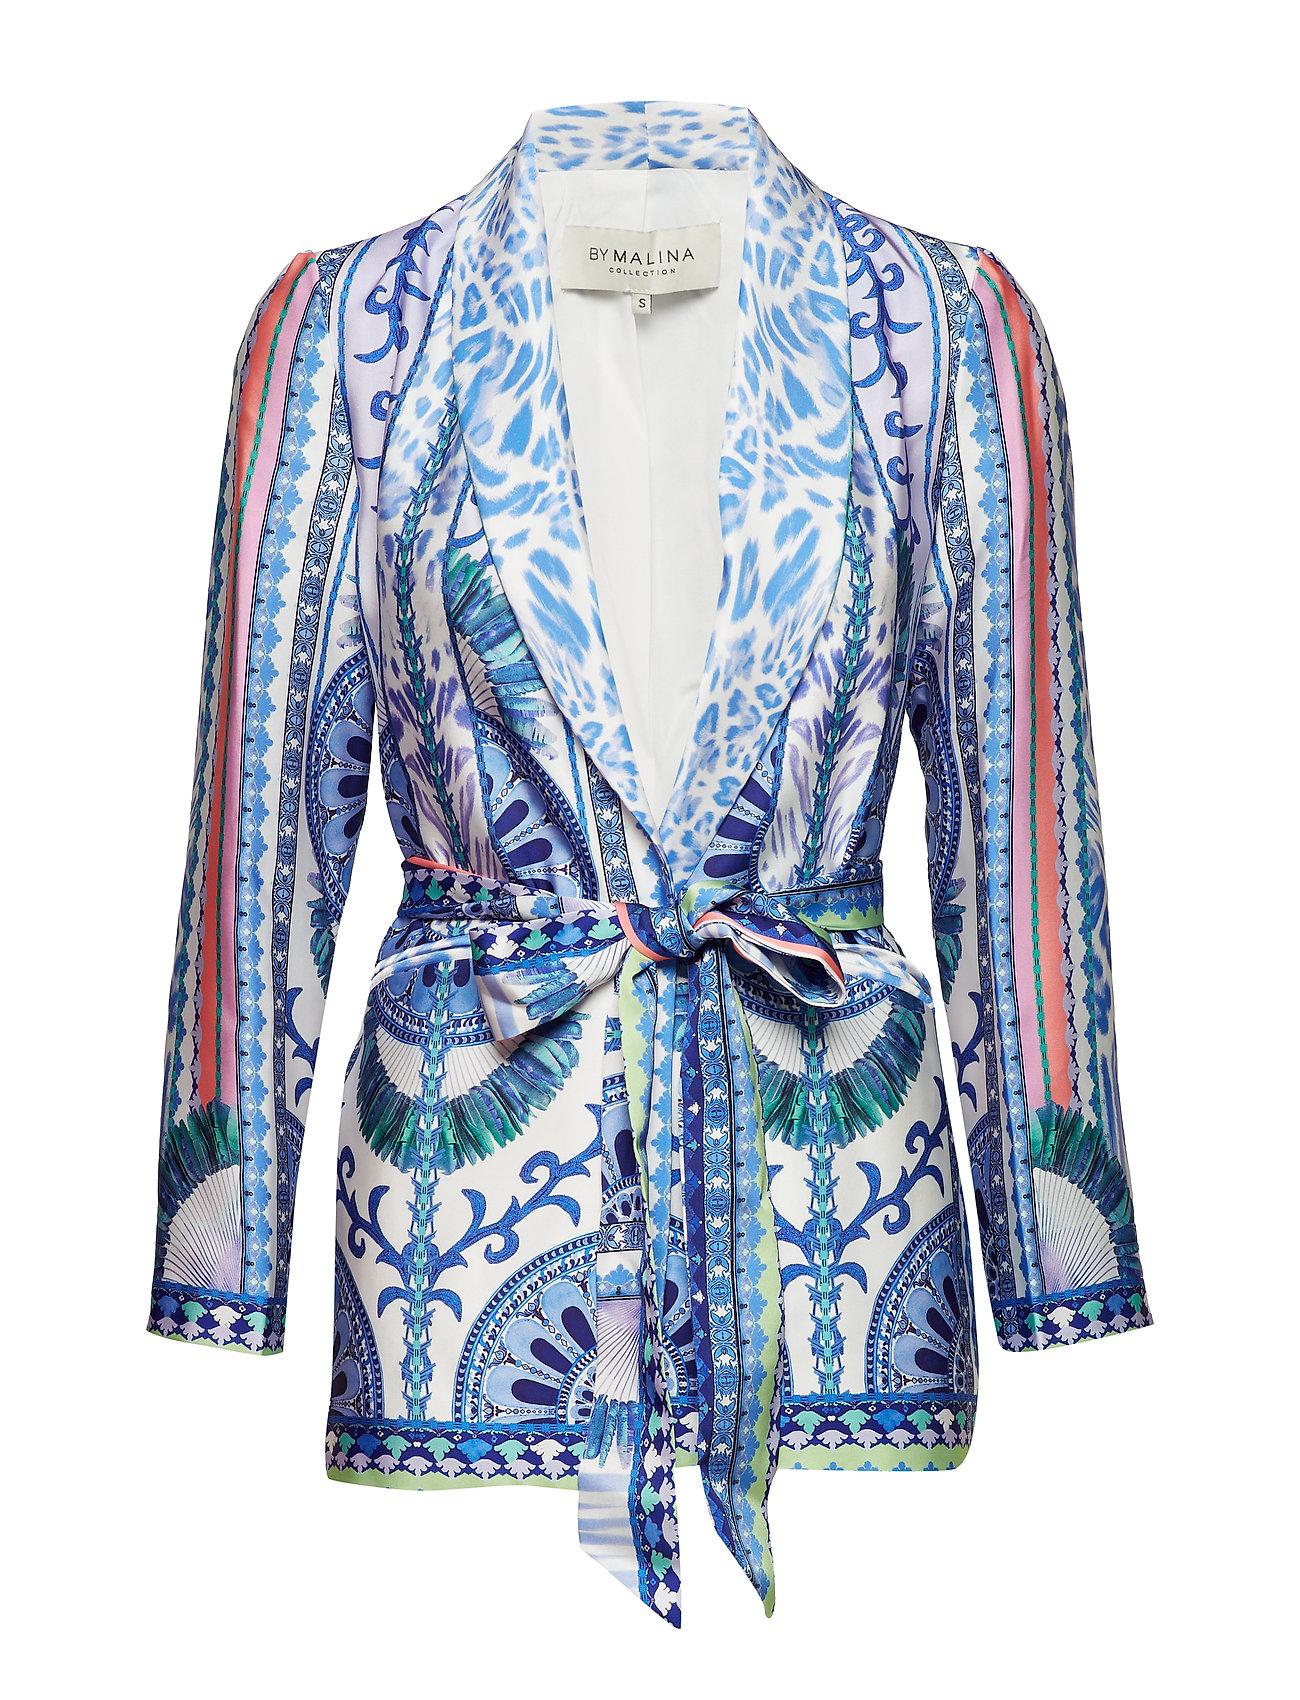 By Malina Day jacket